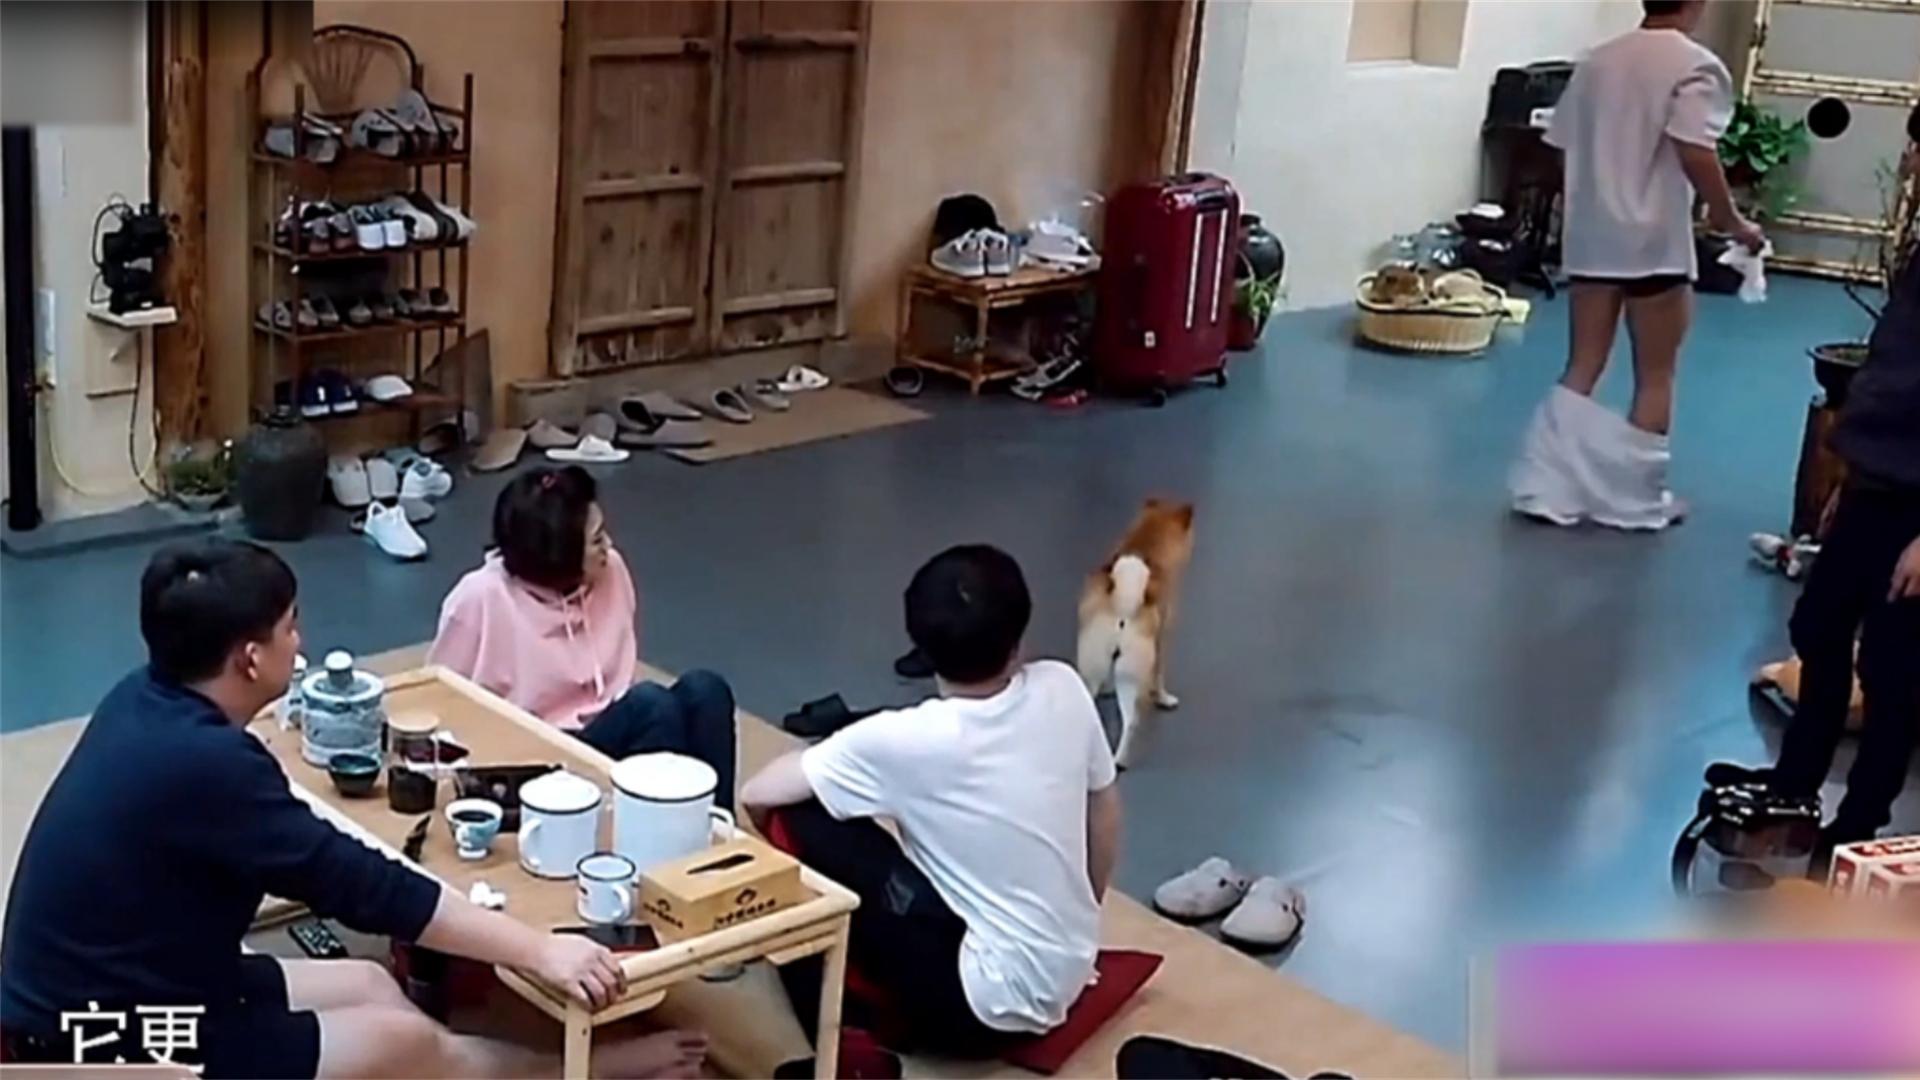 爆笑综艺名场面,黄磊:有女嘉宾在呢,刘宪华你干啥呢?笑喷!